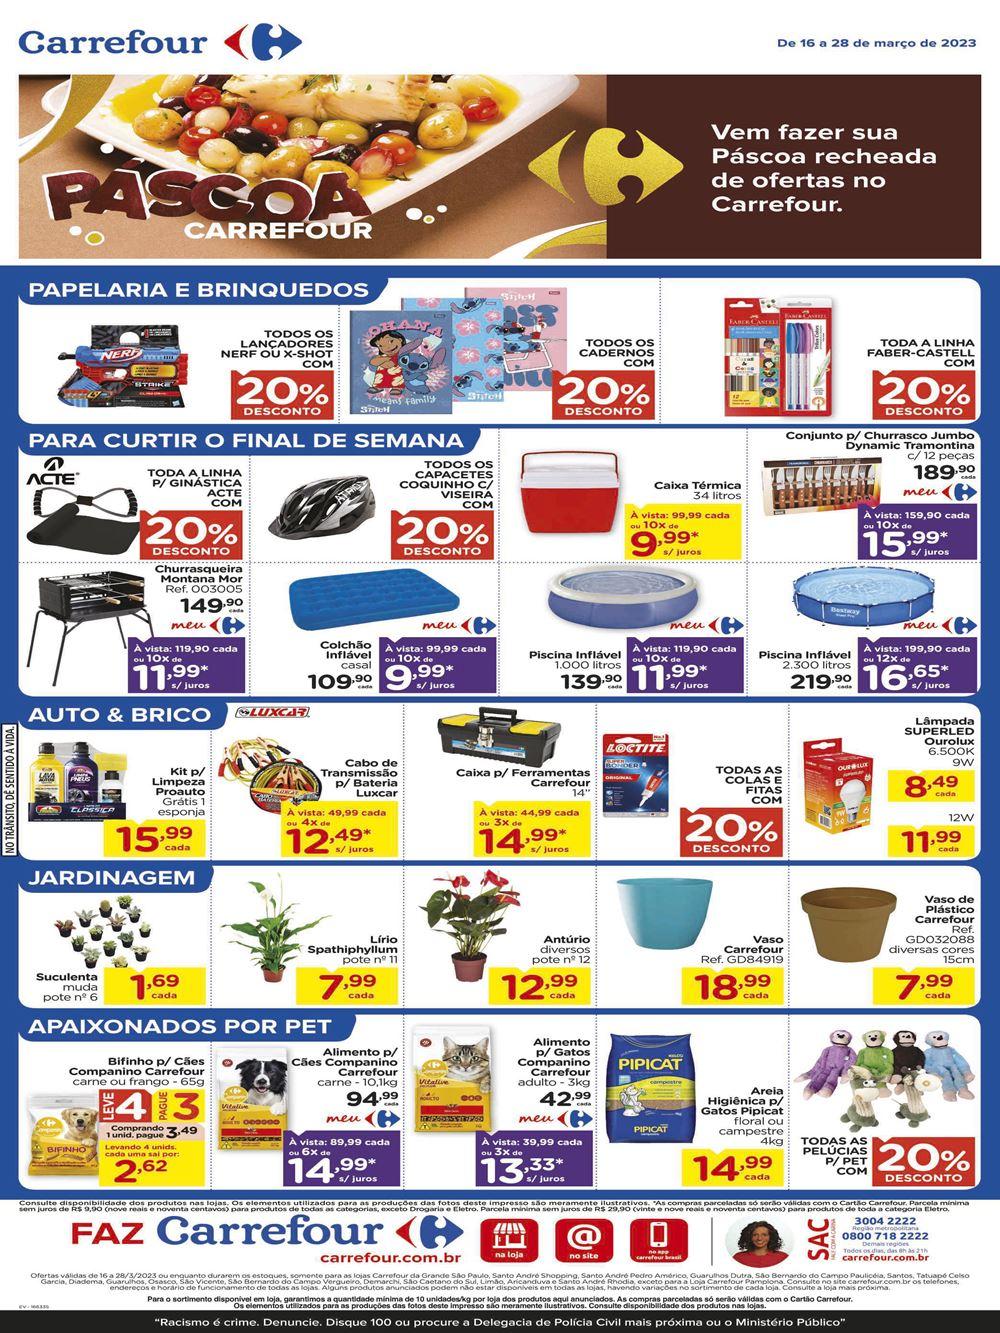 carrefour-ofertas-descontos-hoje14-12 Carrefour até 19/05